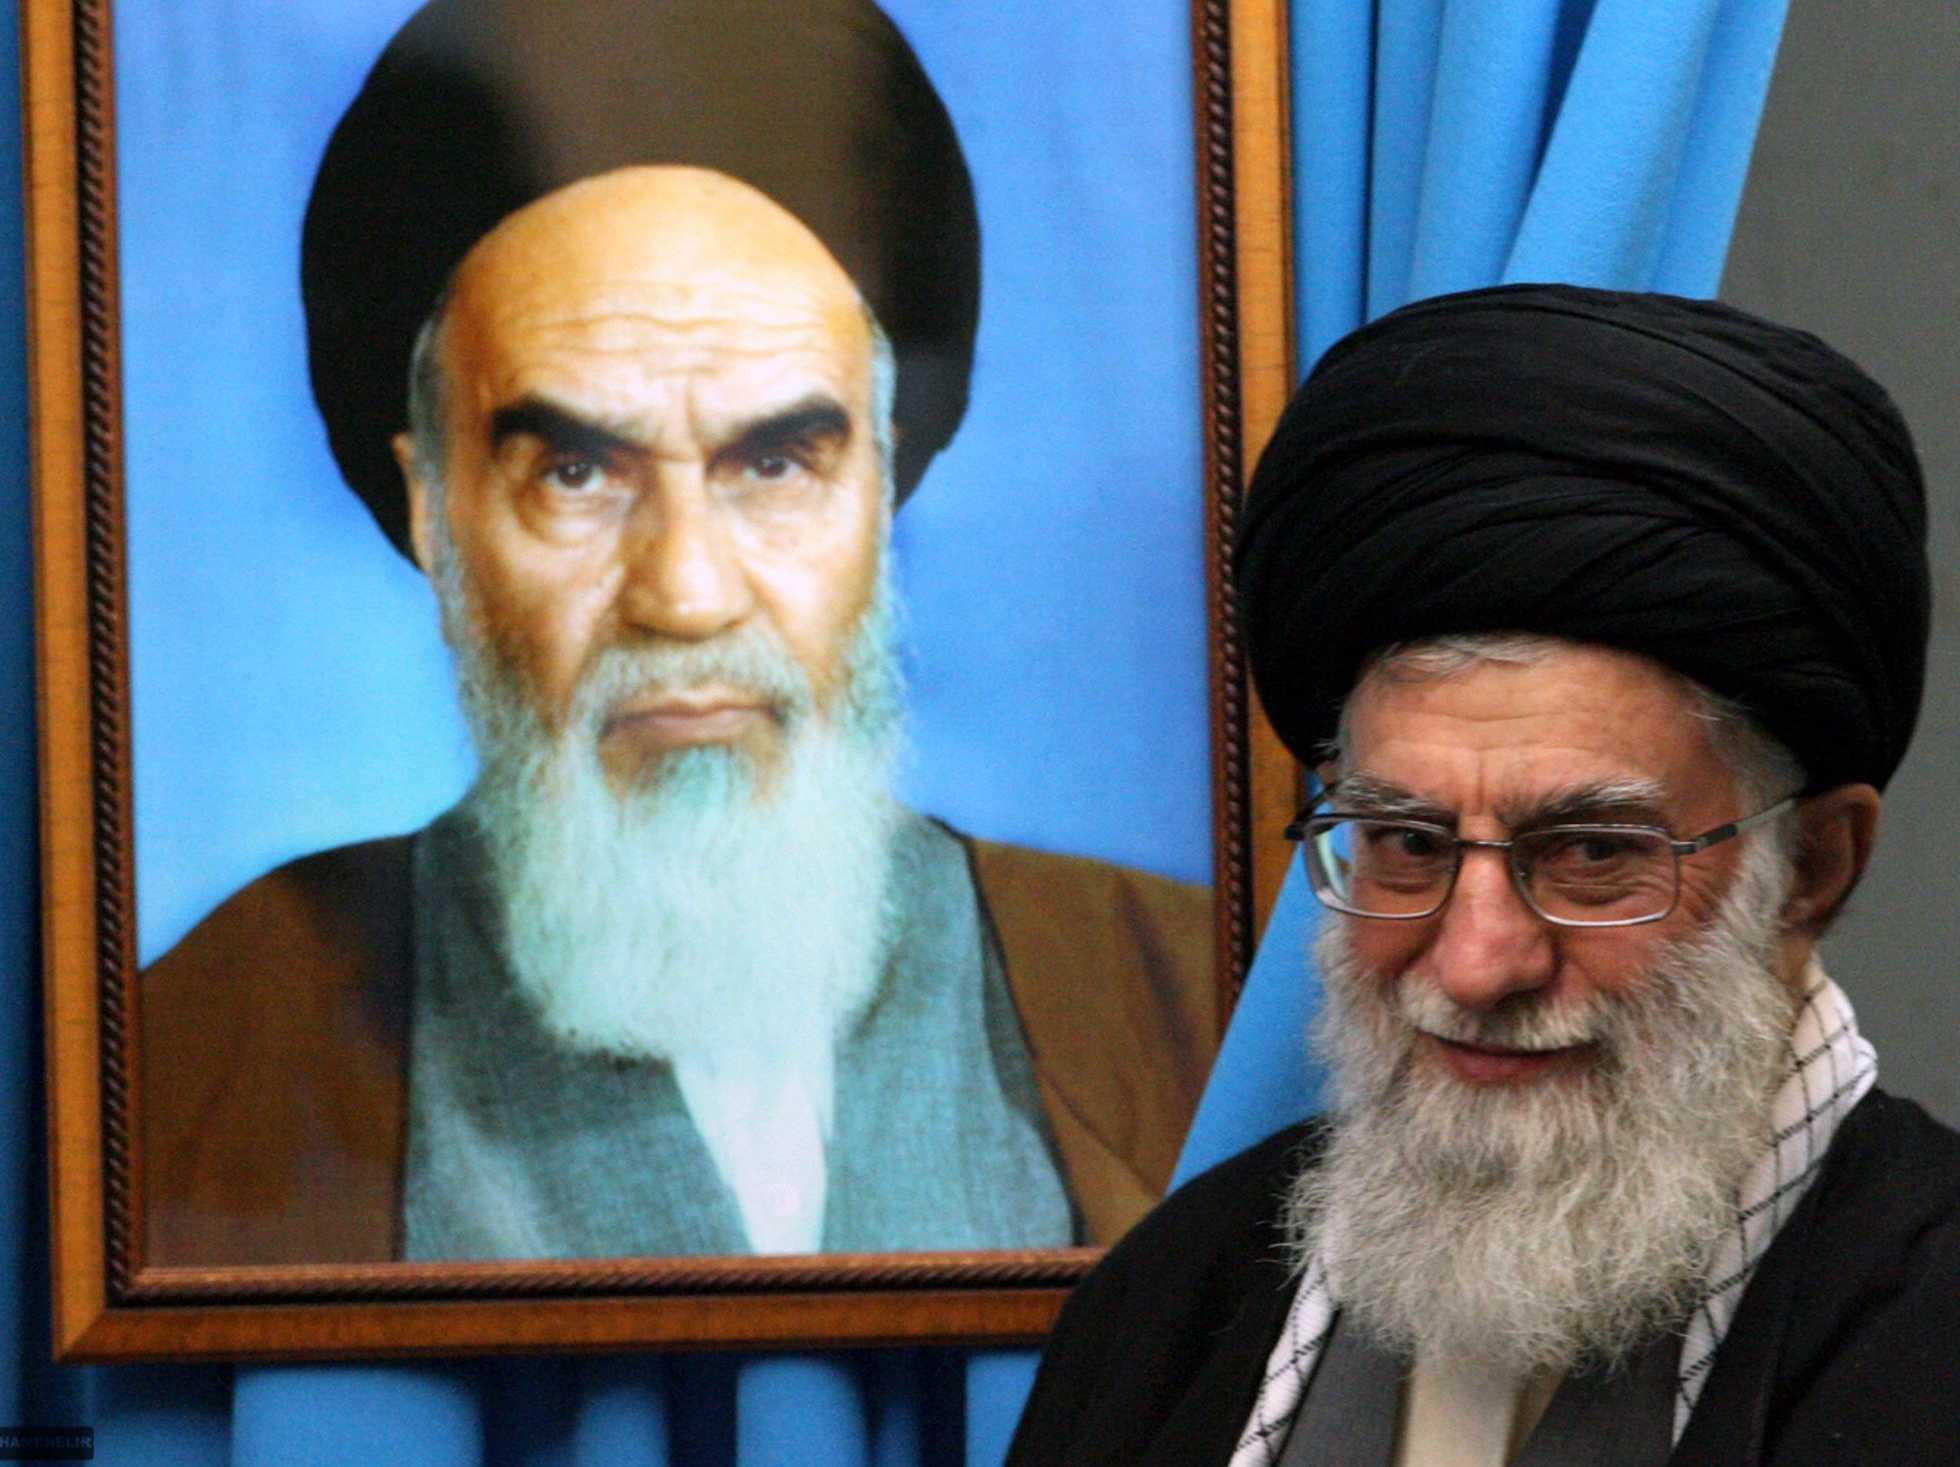 MEMRI DISPROVES IRANIAN FM'S CLAIM THAT 'DEAR LEADER' DIDN ...